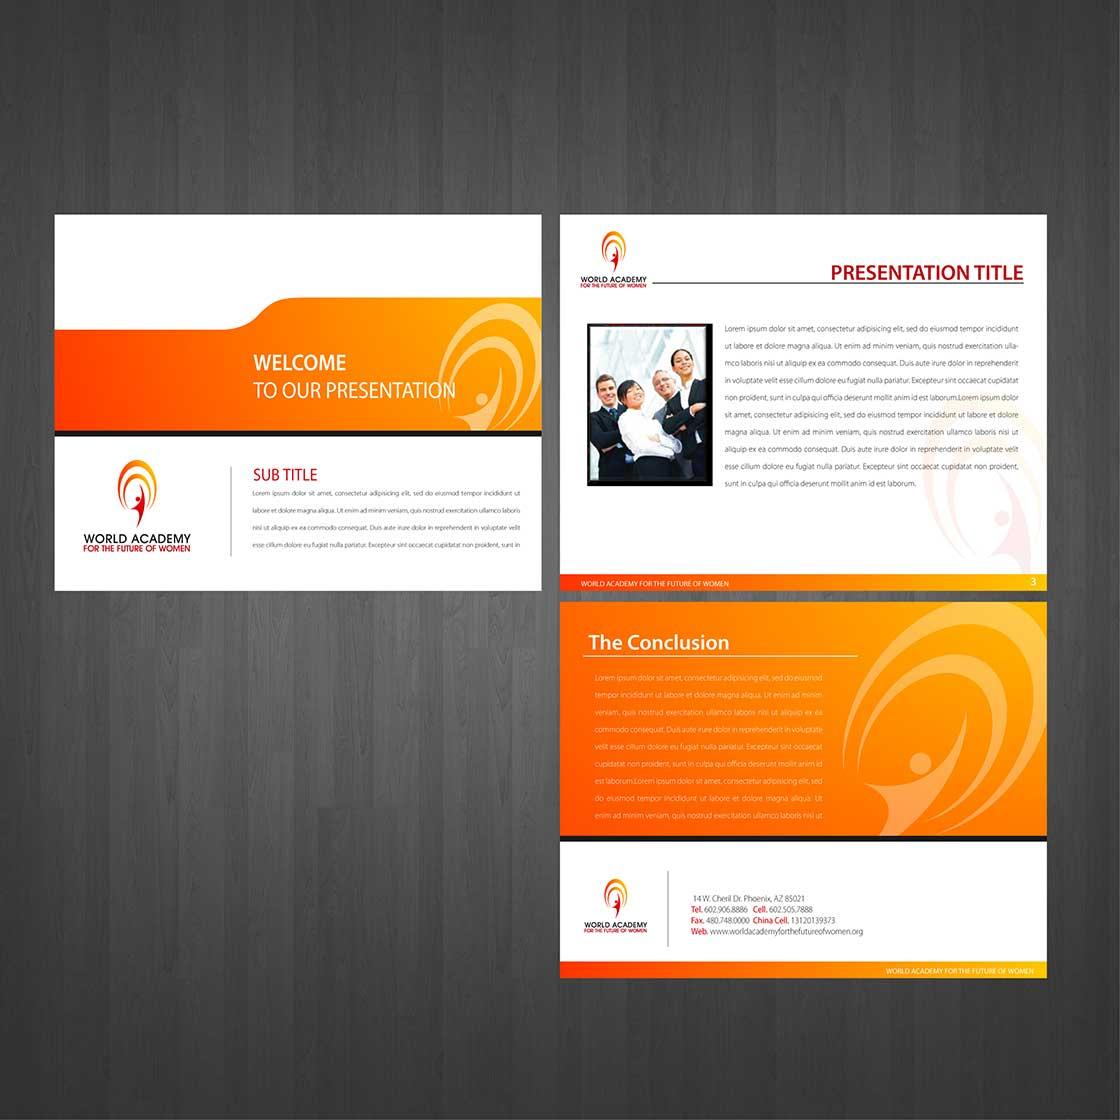 crowdspring presentation design by nila